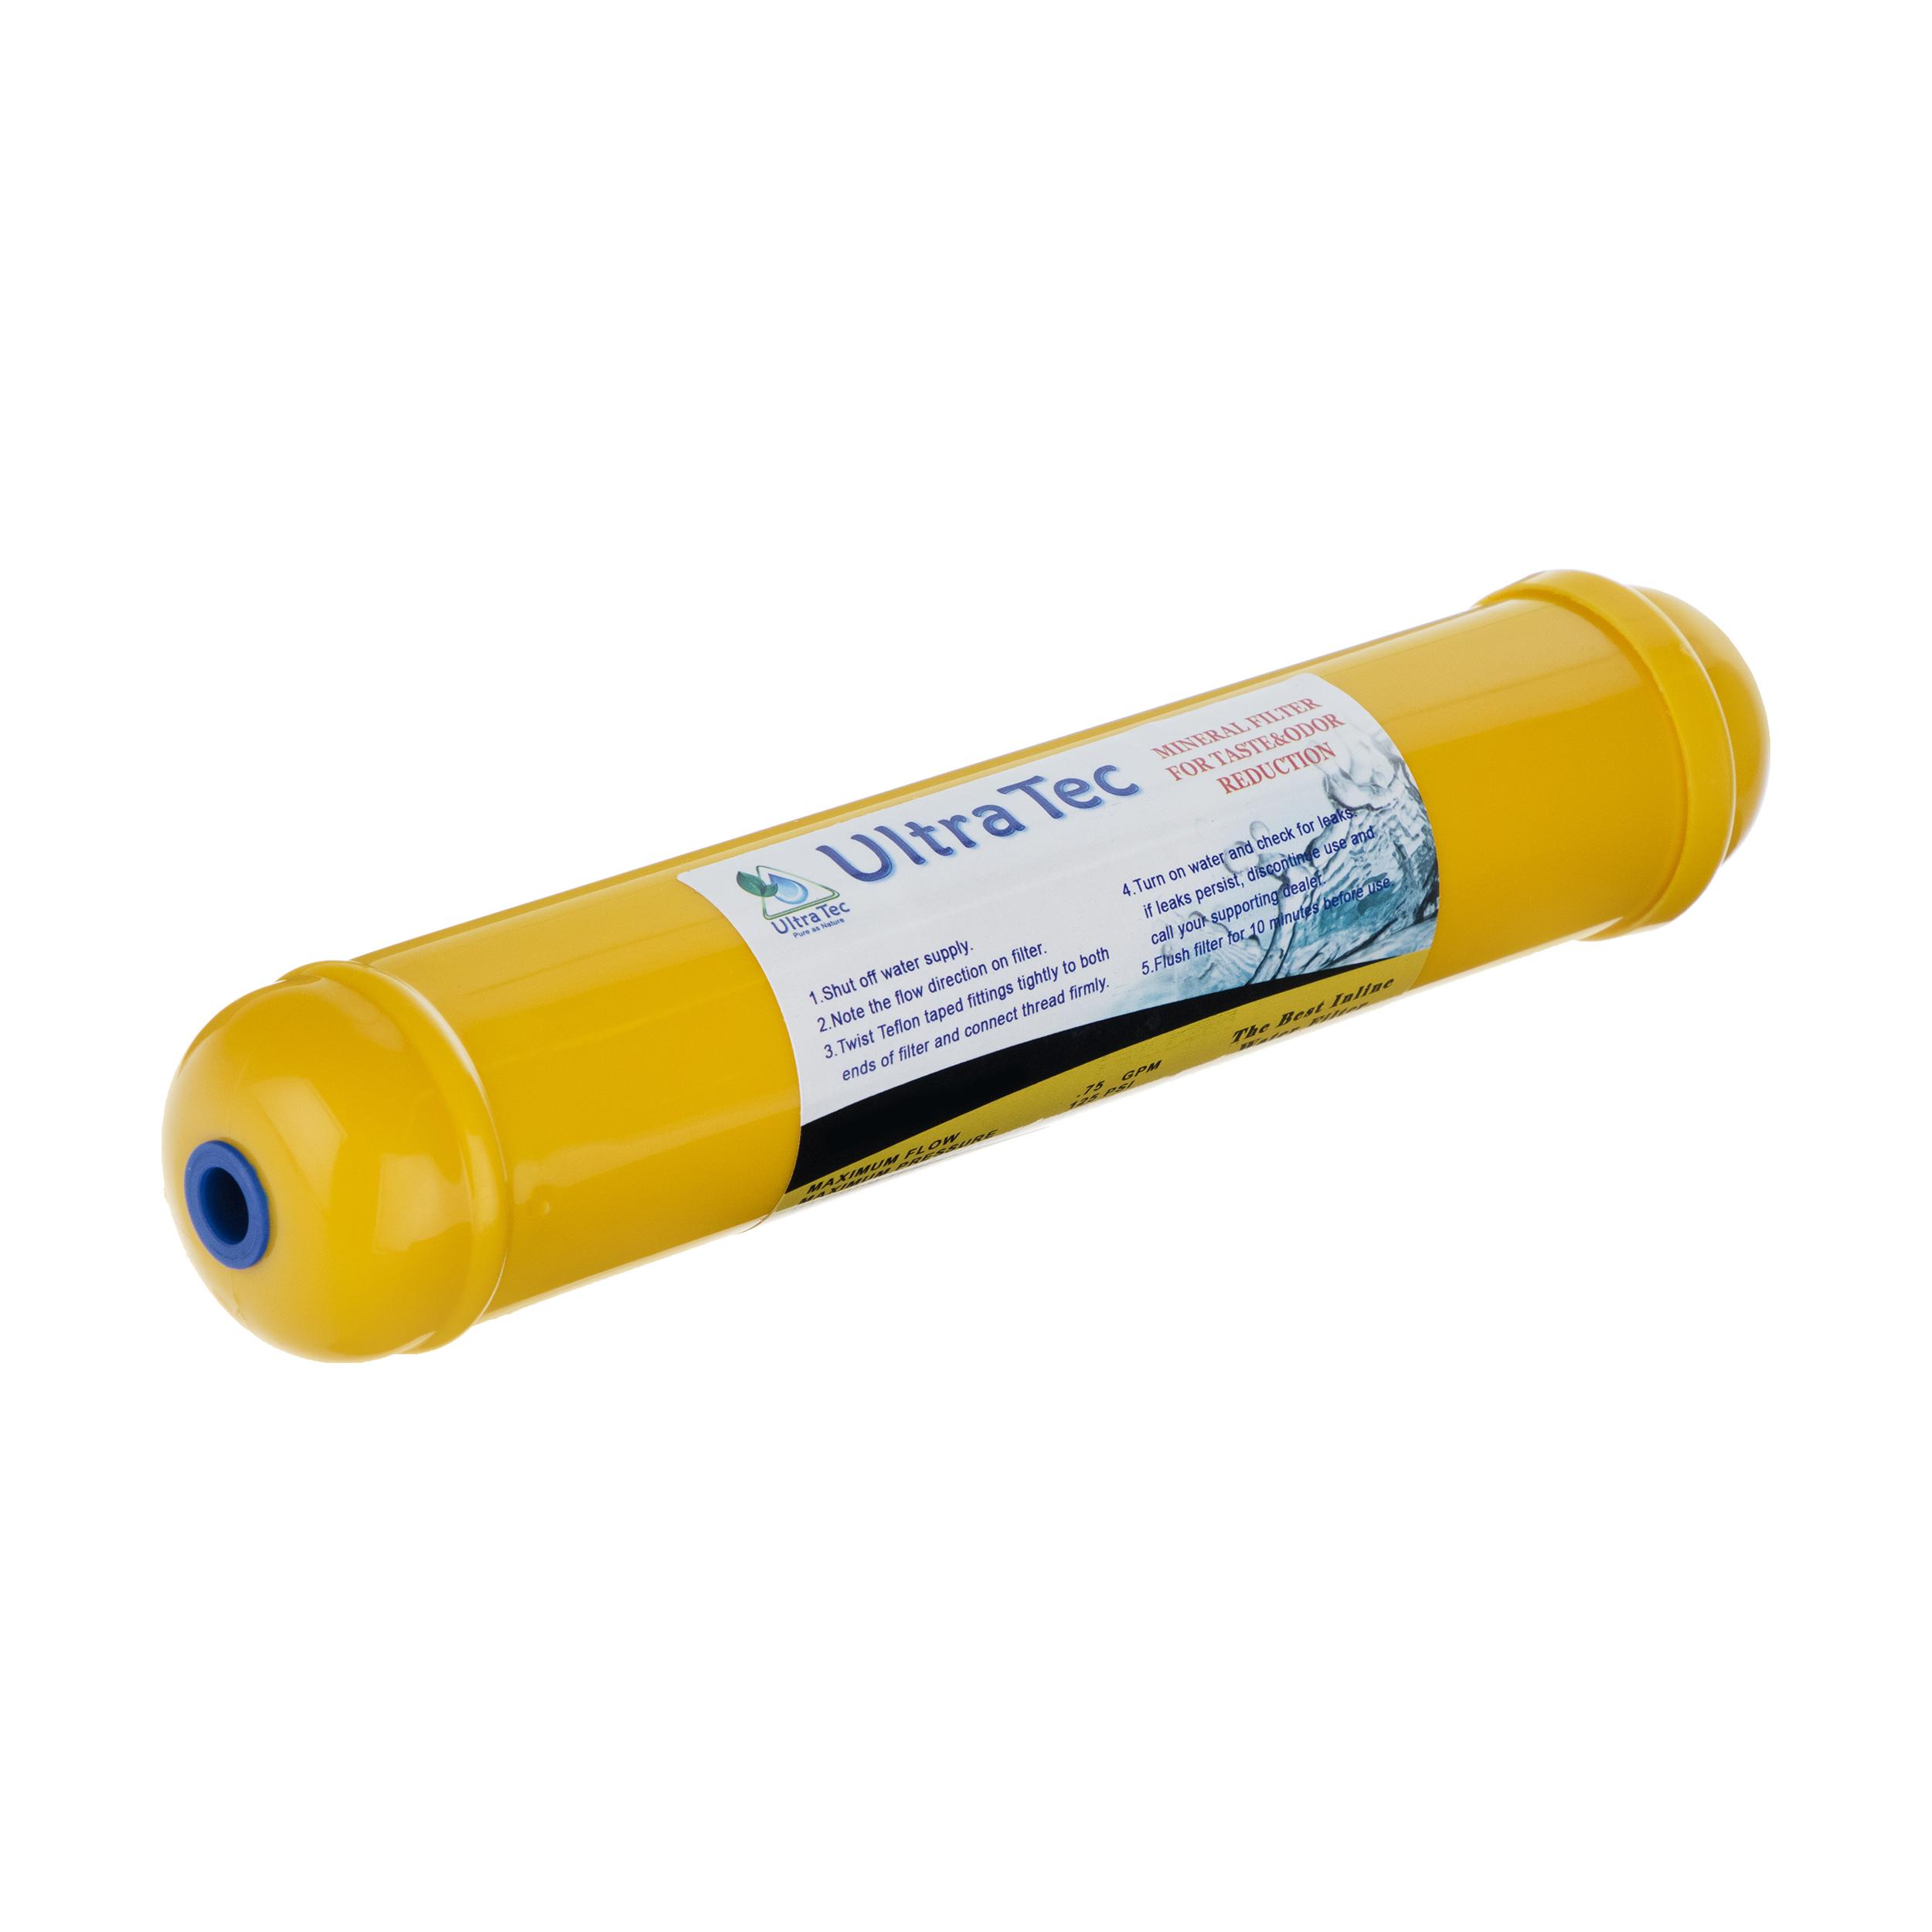 فیلتر تصفیه آب مینرال اولترا تک مدل 06